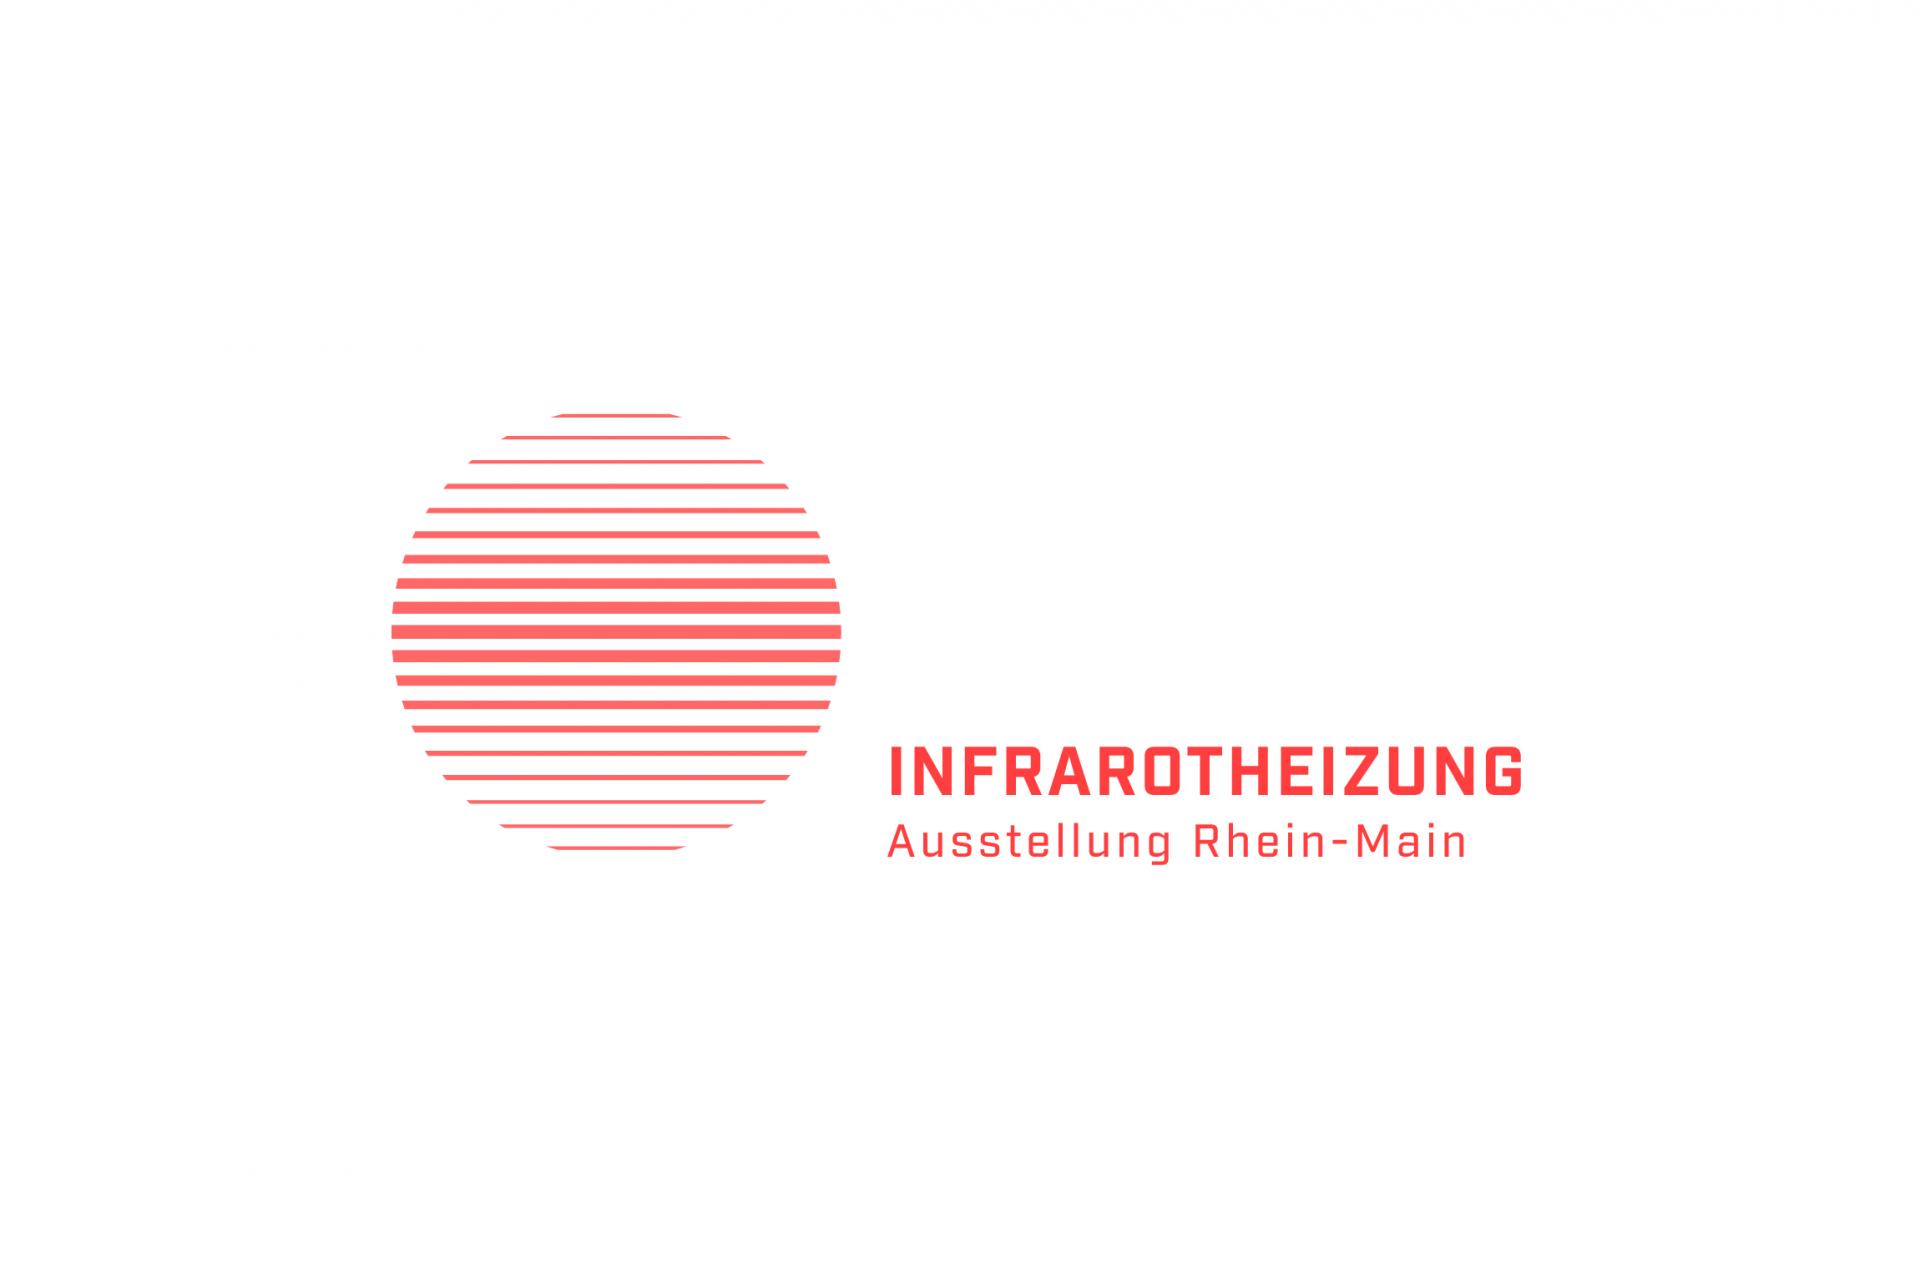 Büro Hyngar Visuelle Identität für Infrarotheizung Ausstellung Rhein-Main